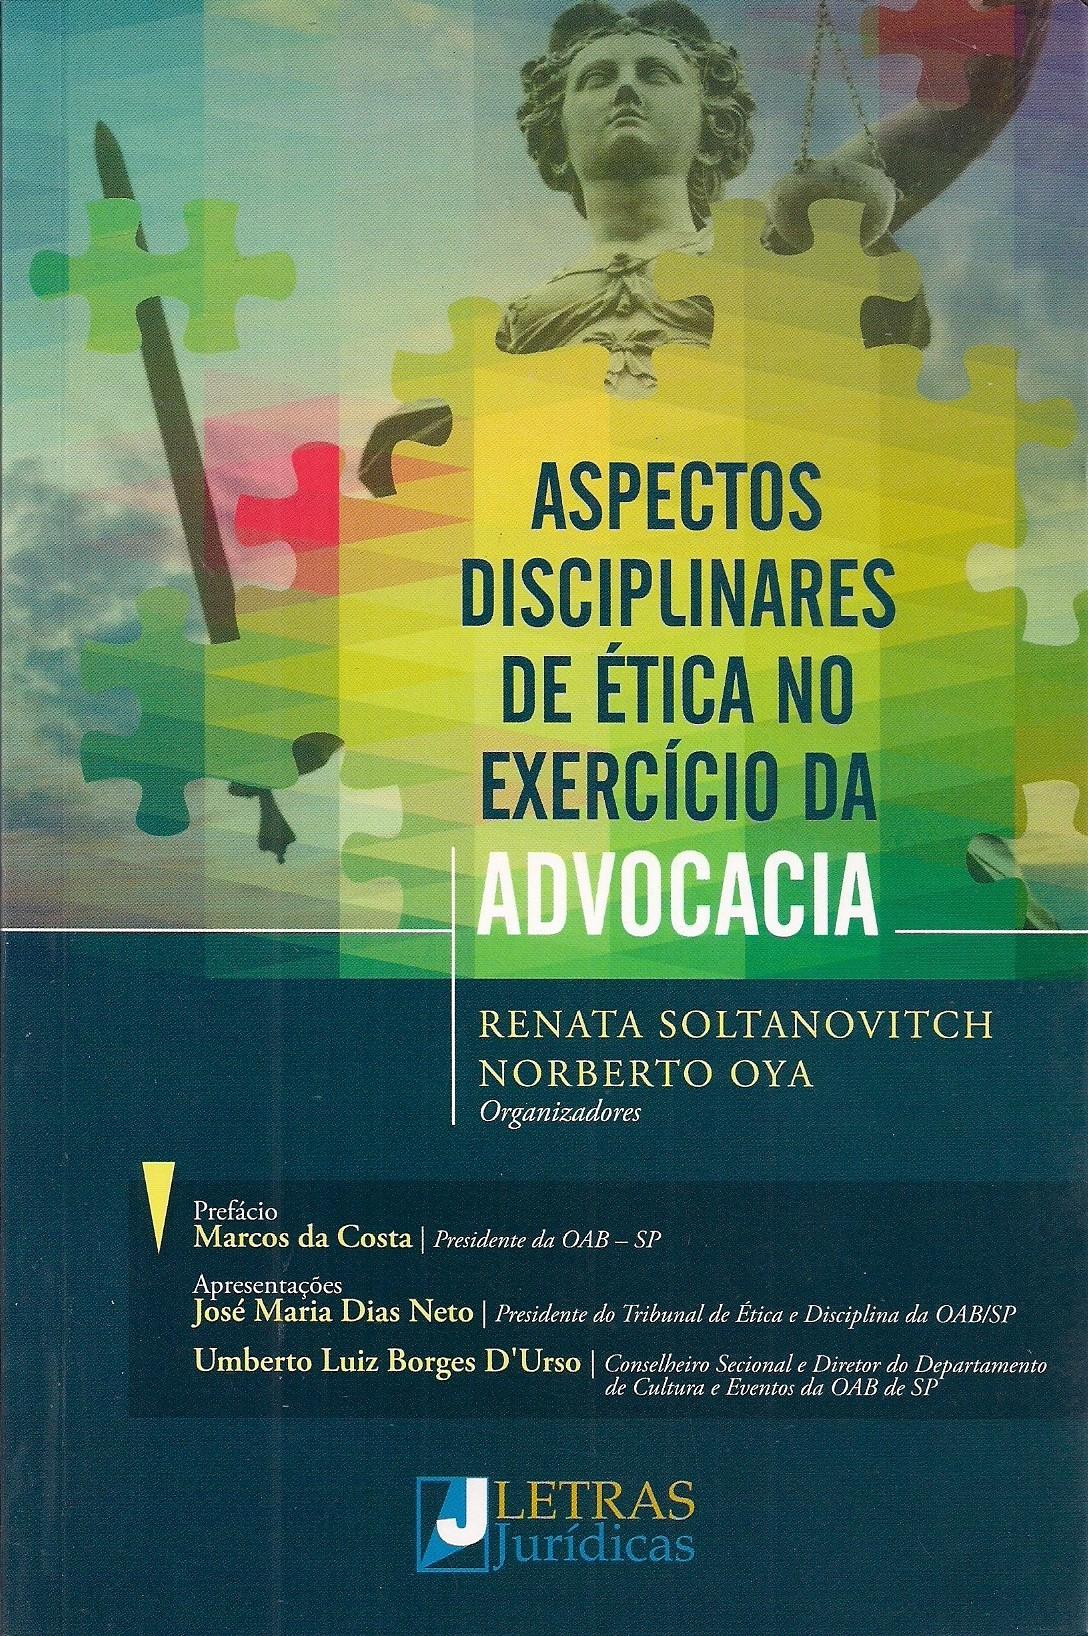 Foto 1 - Aspectos Disciplinares de Ética no Exercício da Advocacia